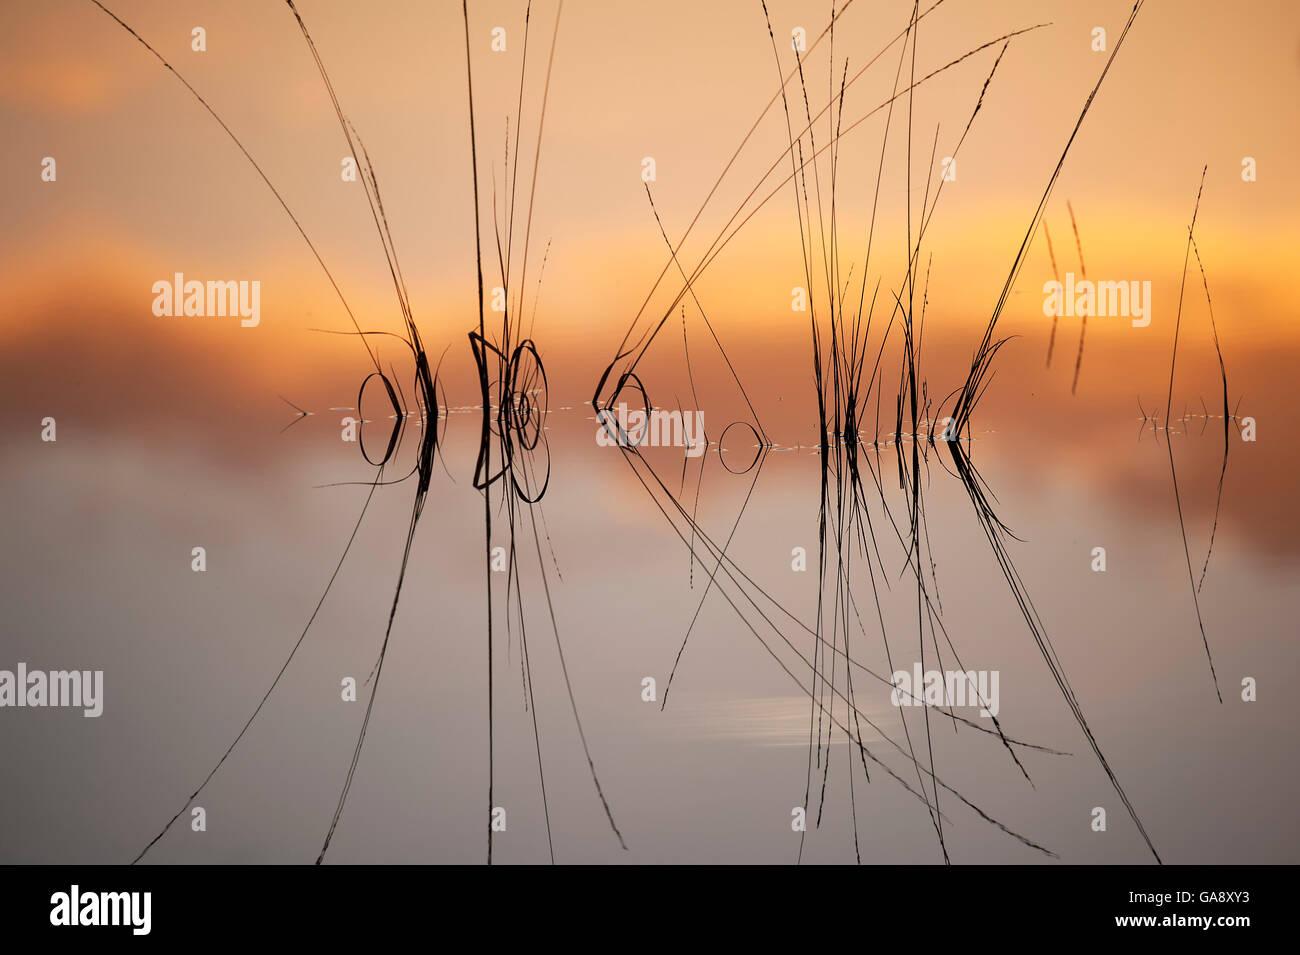 La reflexión de FEN sobre la superficie del agua, Klein Schietveld, Brasschaat, Bélgica, en noviembre. Imagen De Stock